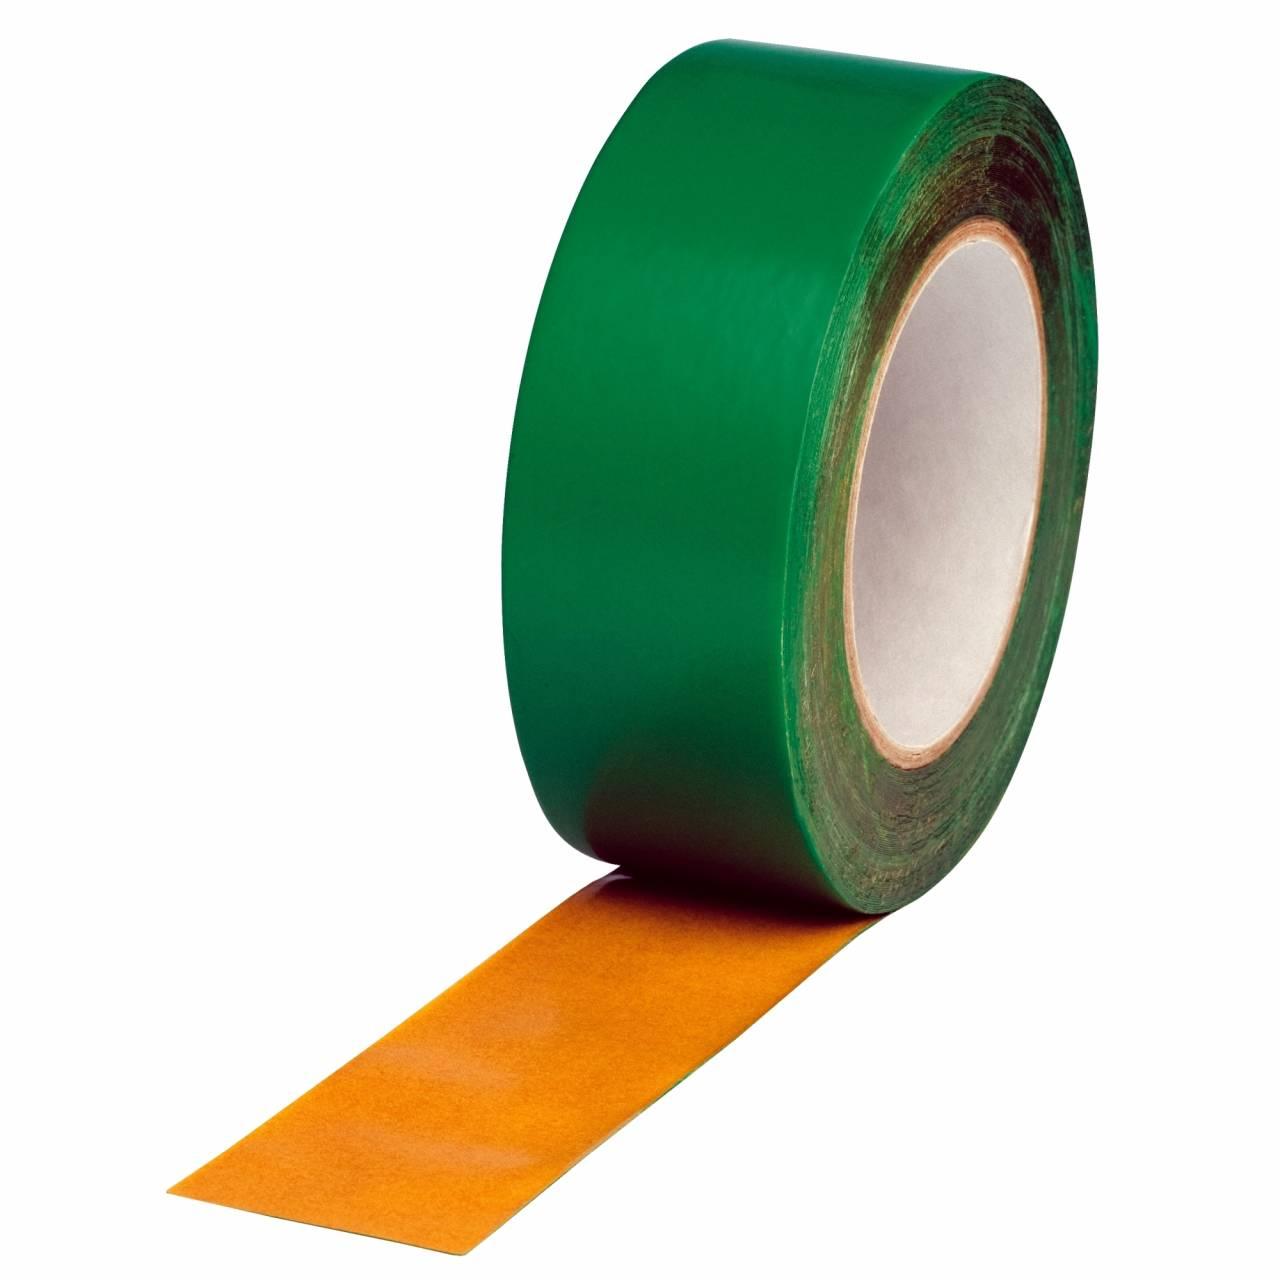 Dichtband 'ELASTO-FLEX' grün, 60 mm x 25 m / Krt a 15 Rollen